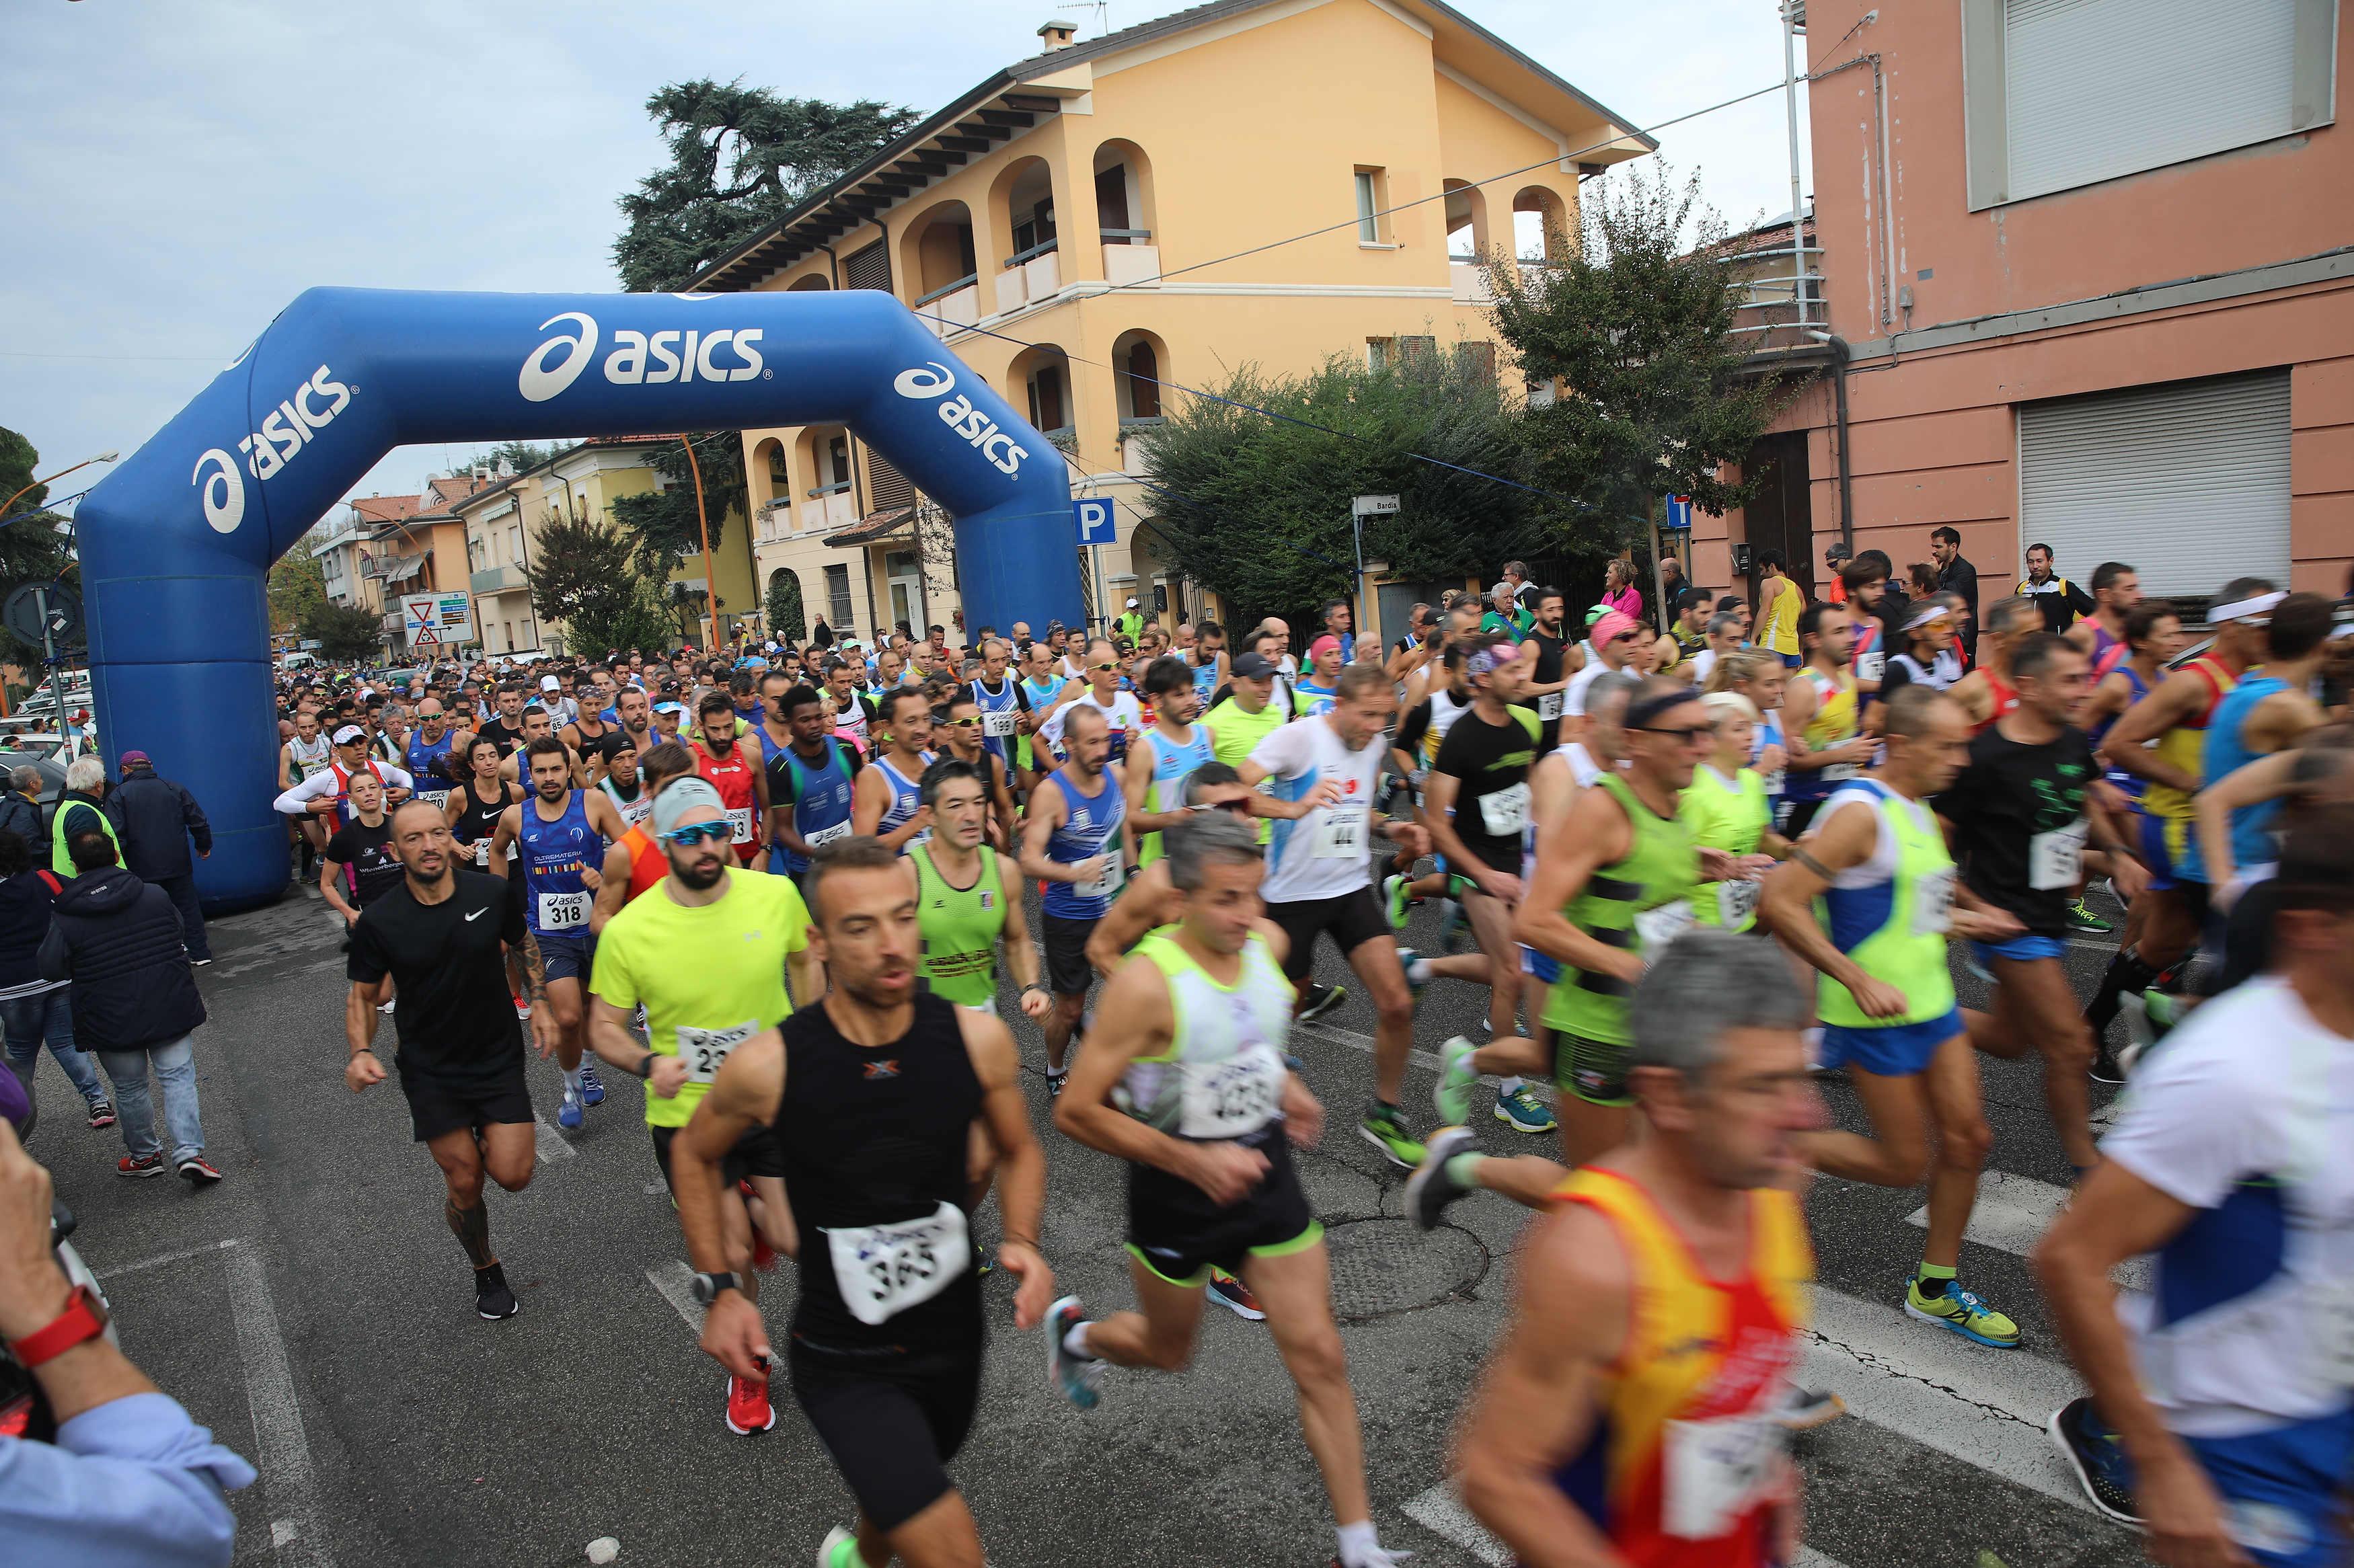 Podismo, il Giro dei Gessi a Cesena  - GALLERY